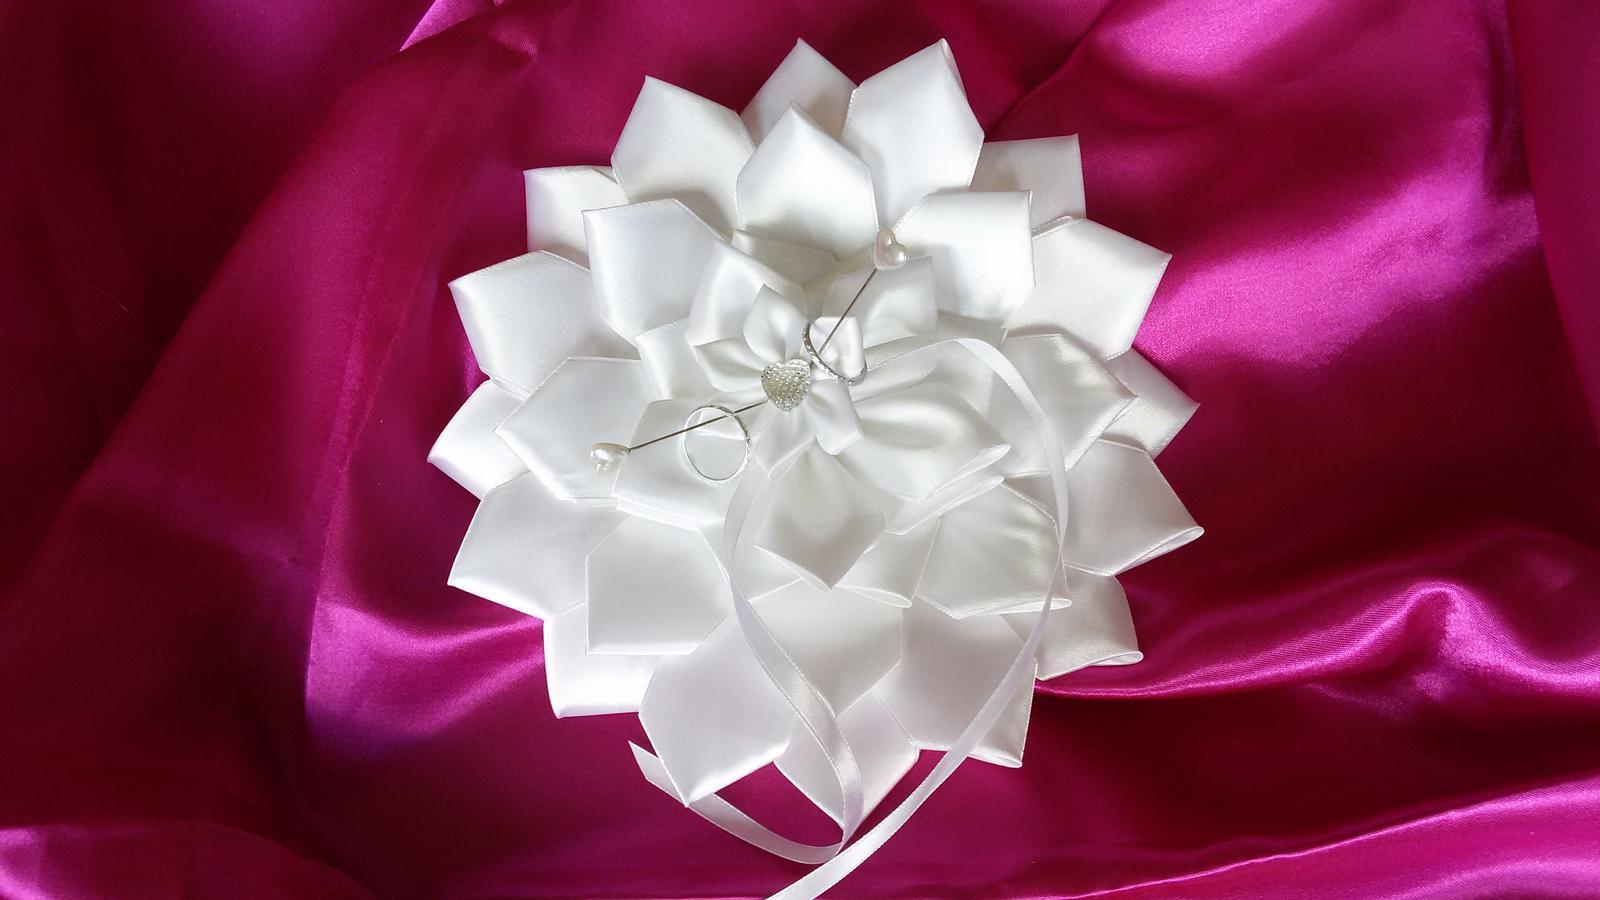 Květina pod prstýnky - Obrázek č. 1